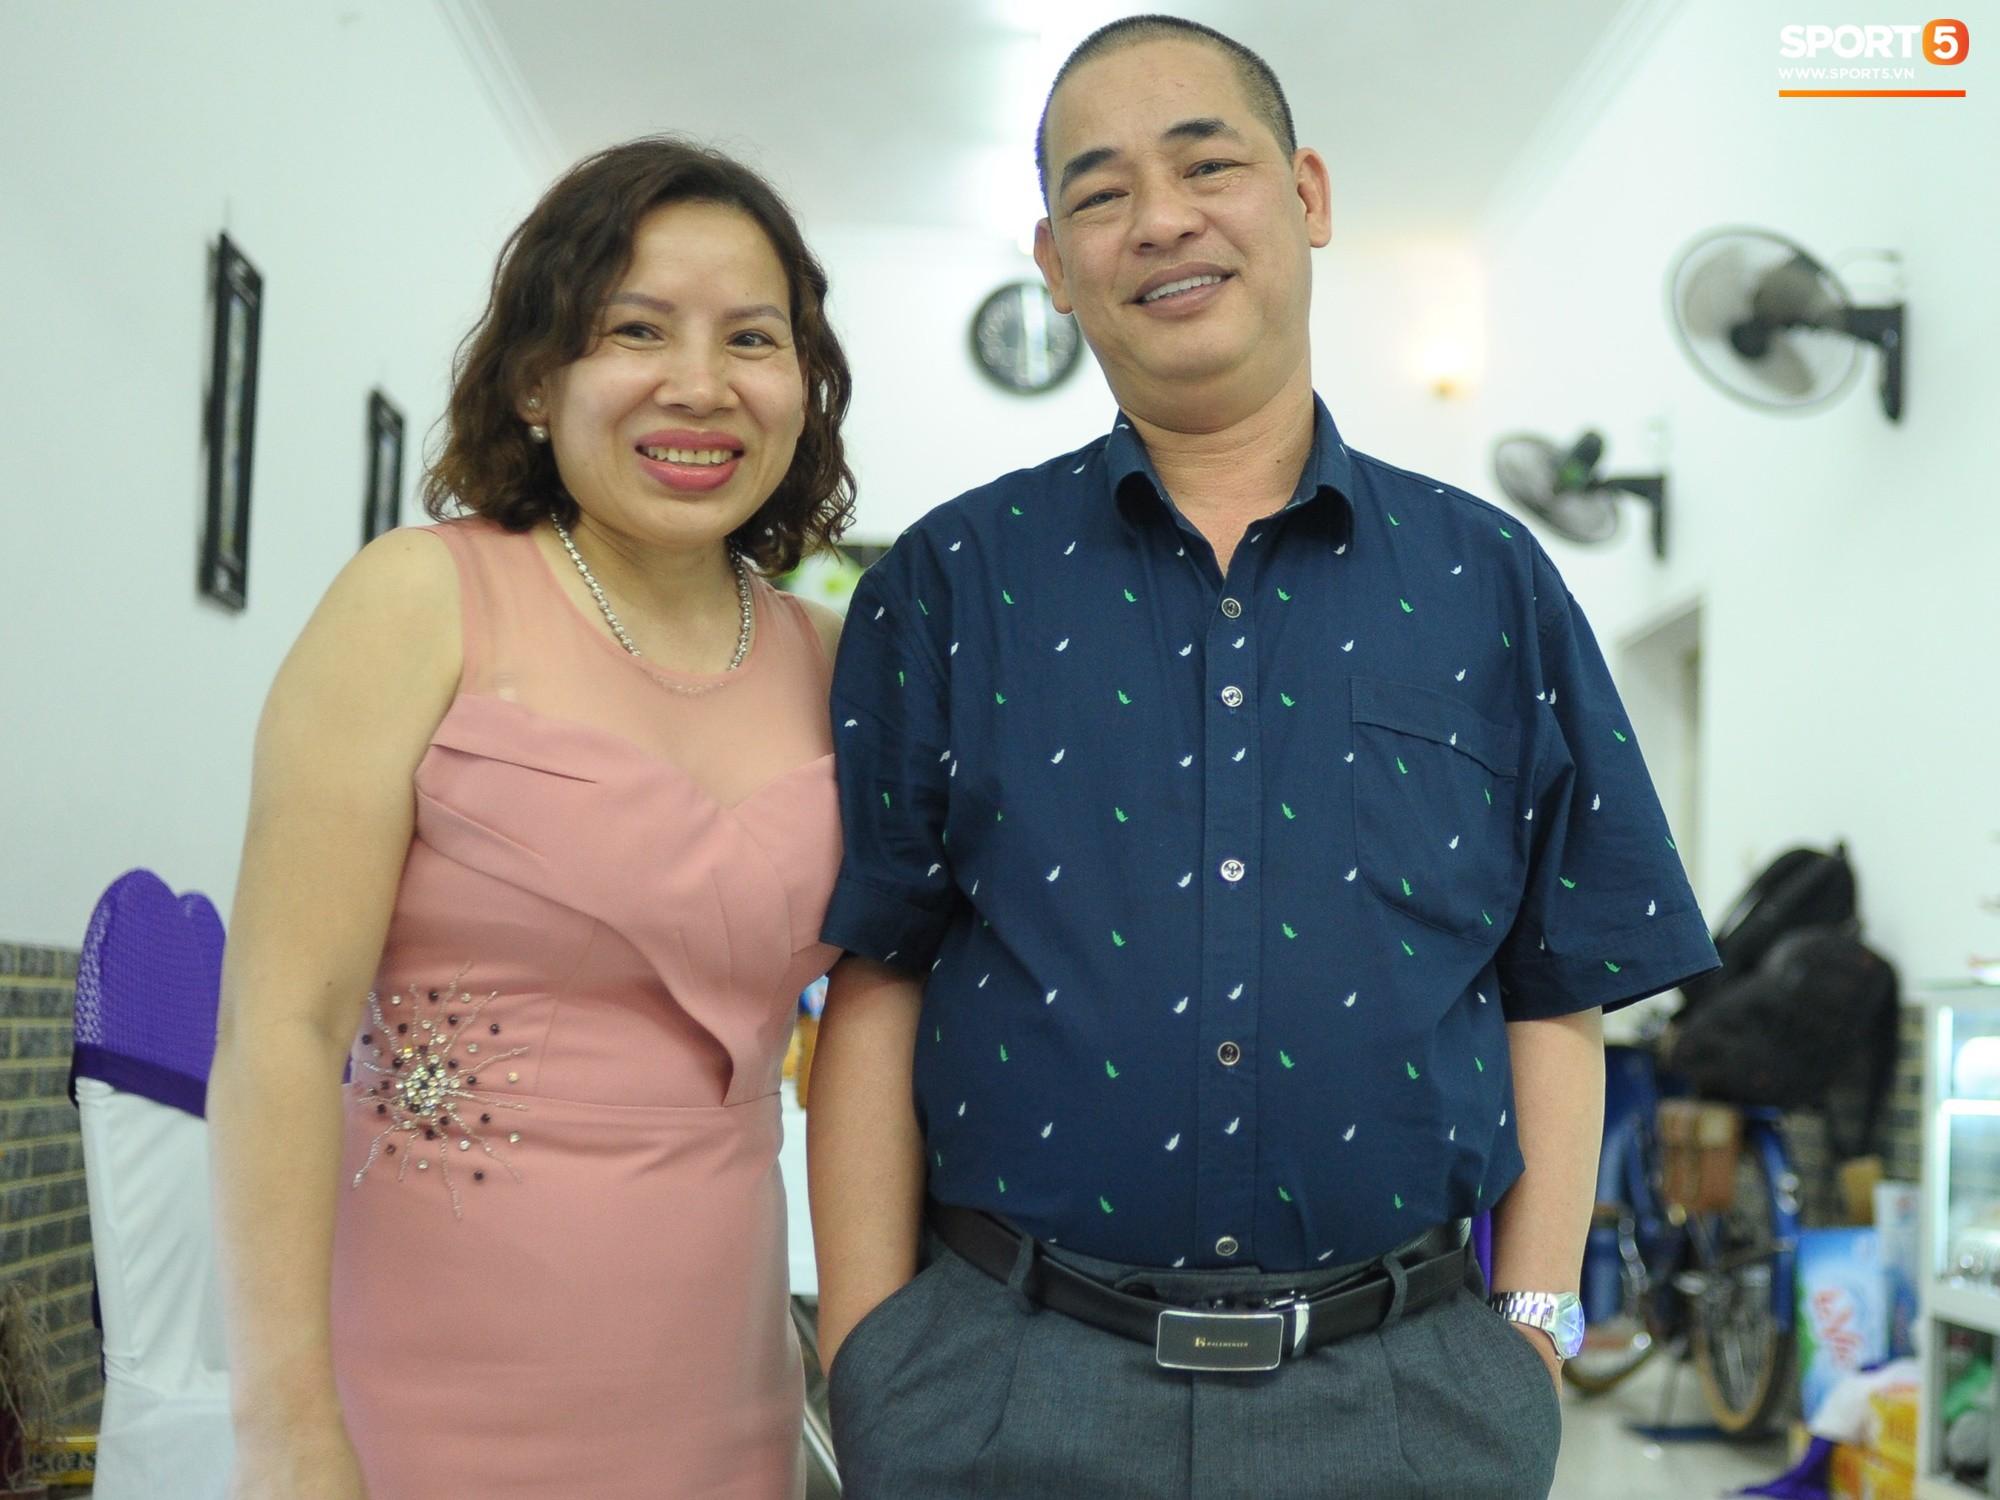 Tiền vệ tuyển Việt Nam tình tứ bên vợ tương lai chuẩn bị cho lễ cưới - Ảnh 12.